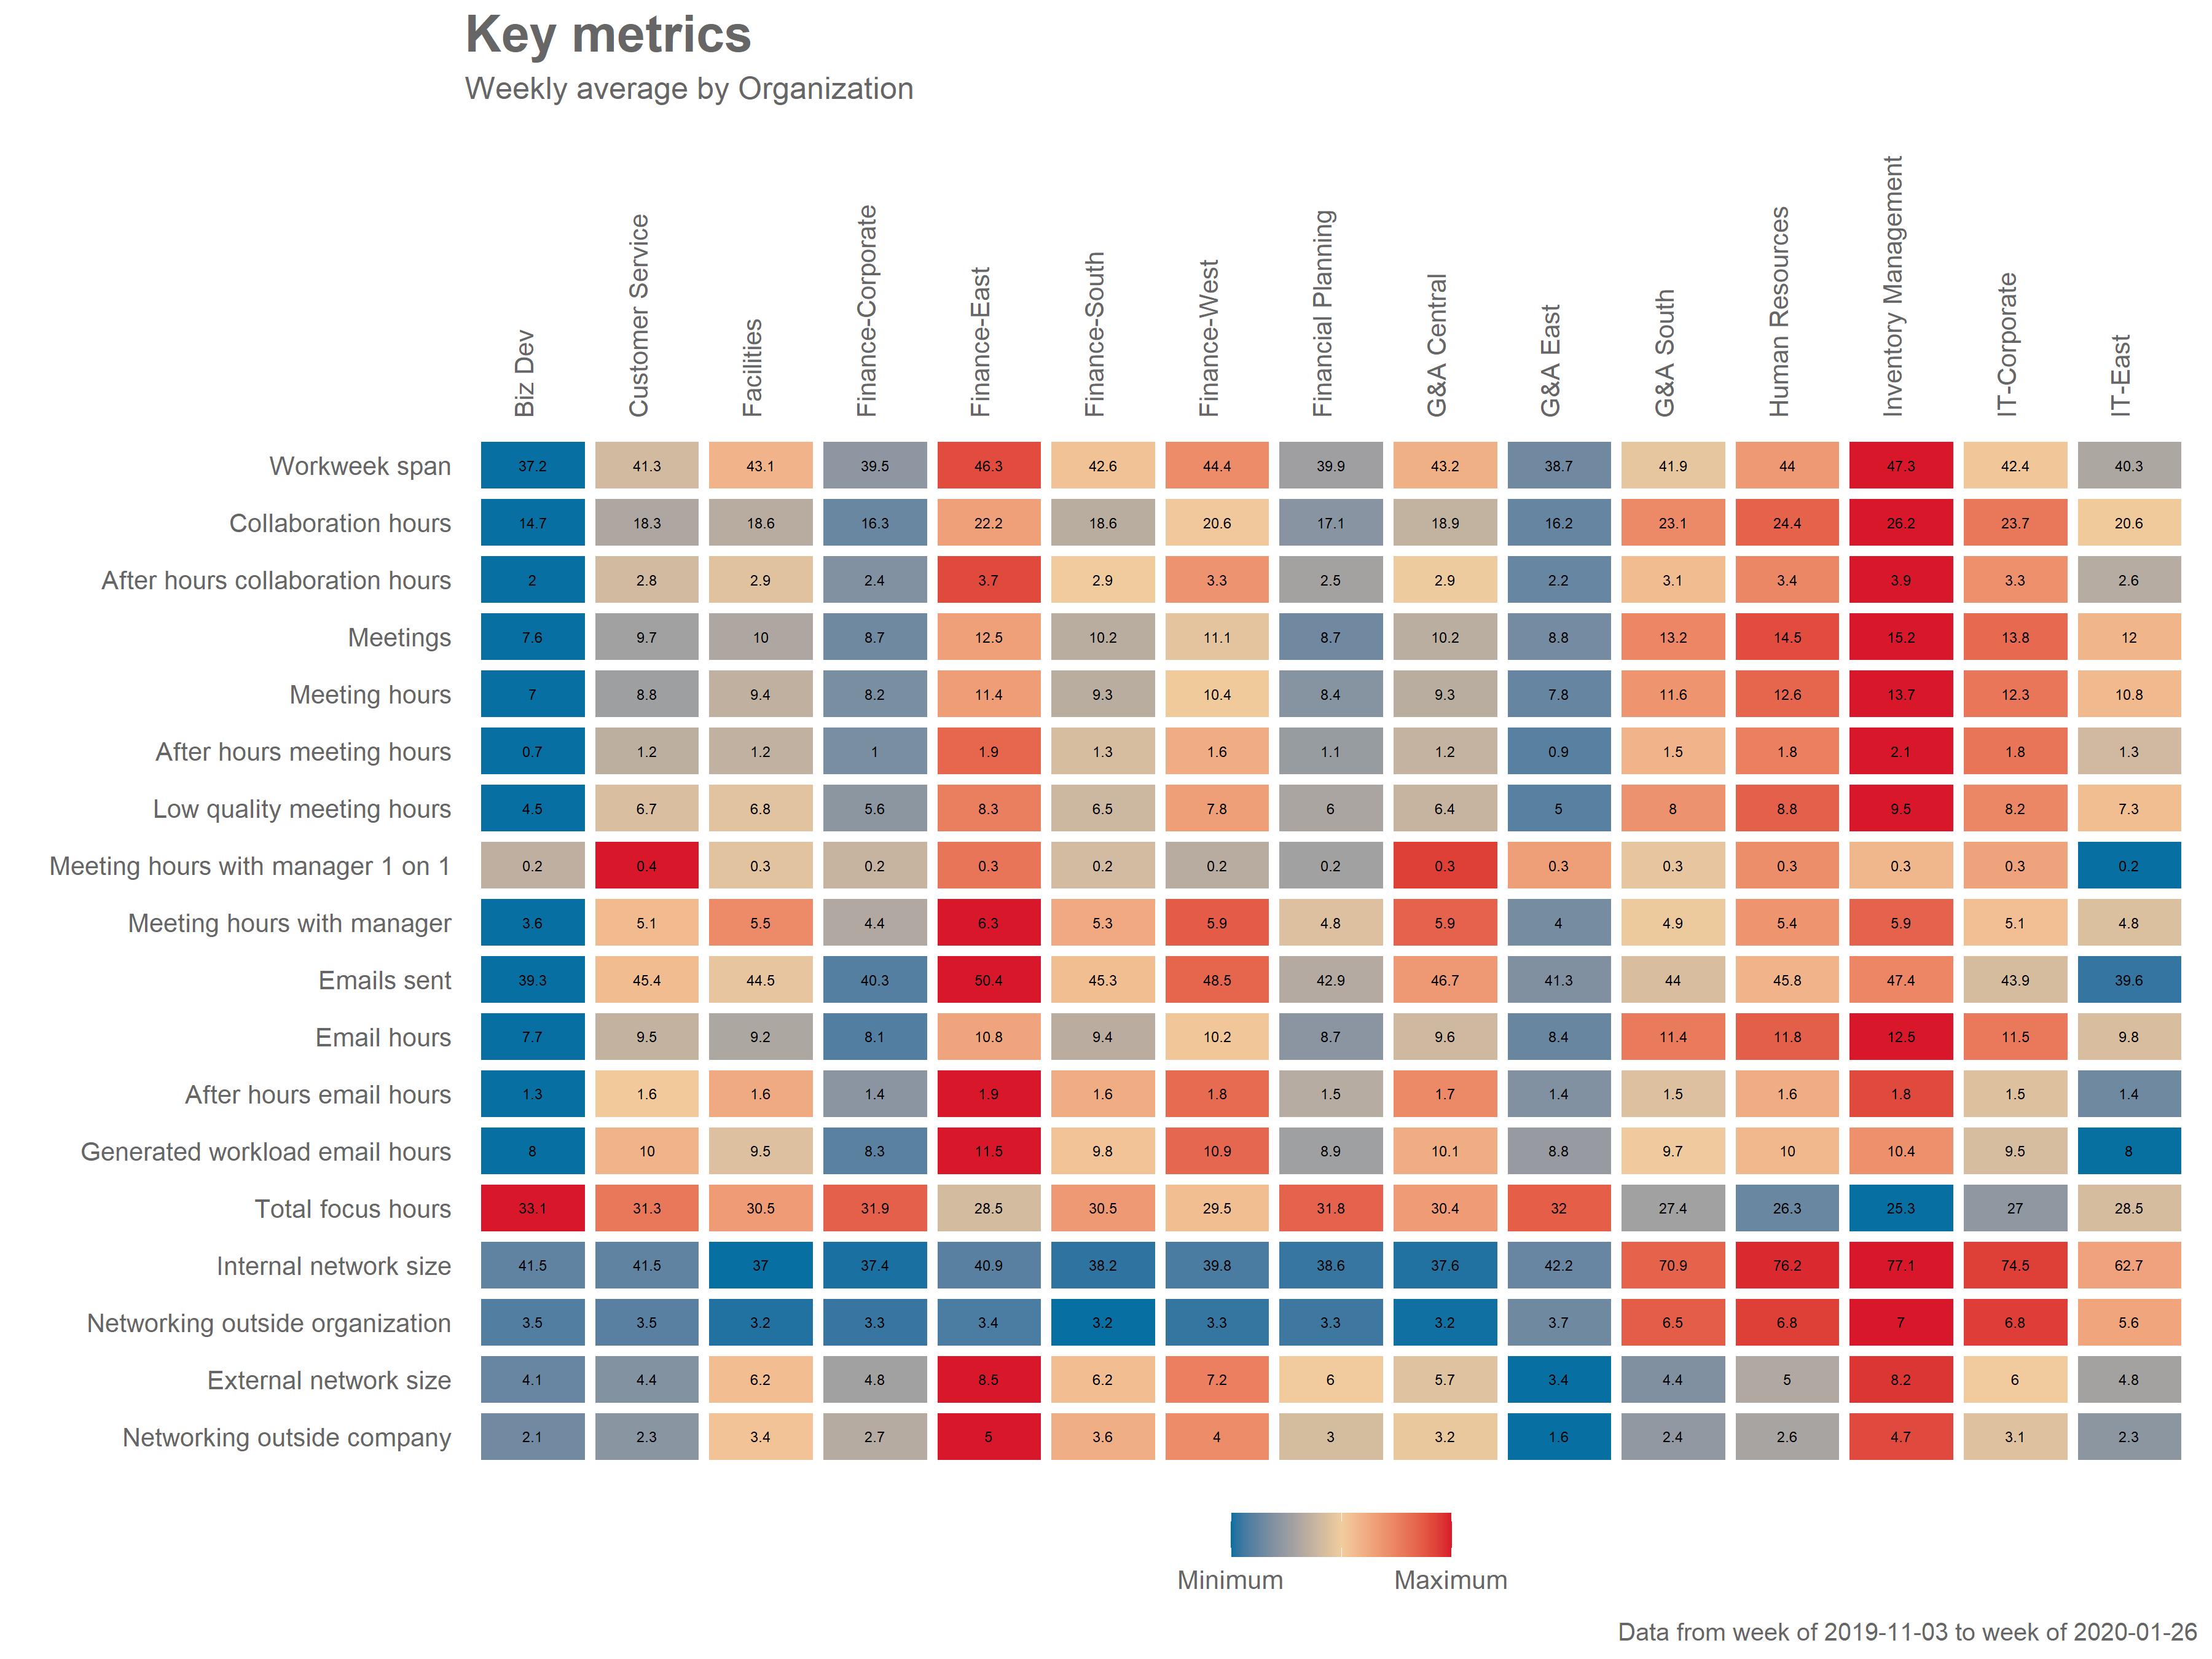 Key Metrics Scan